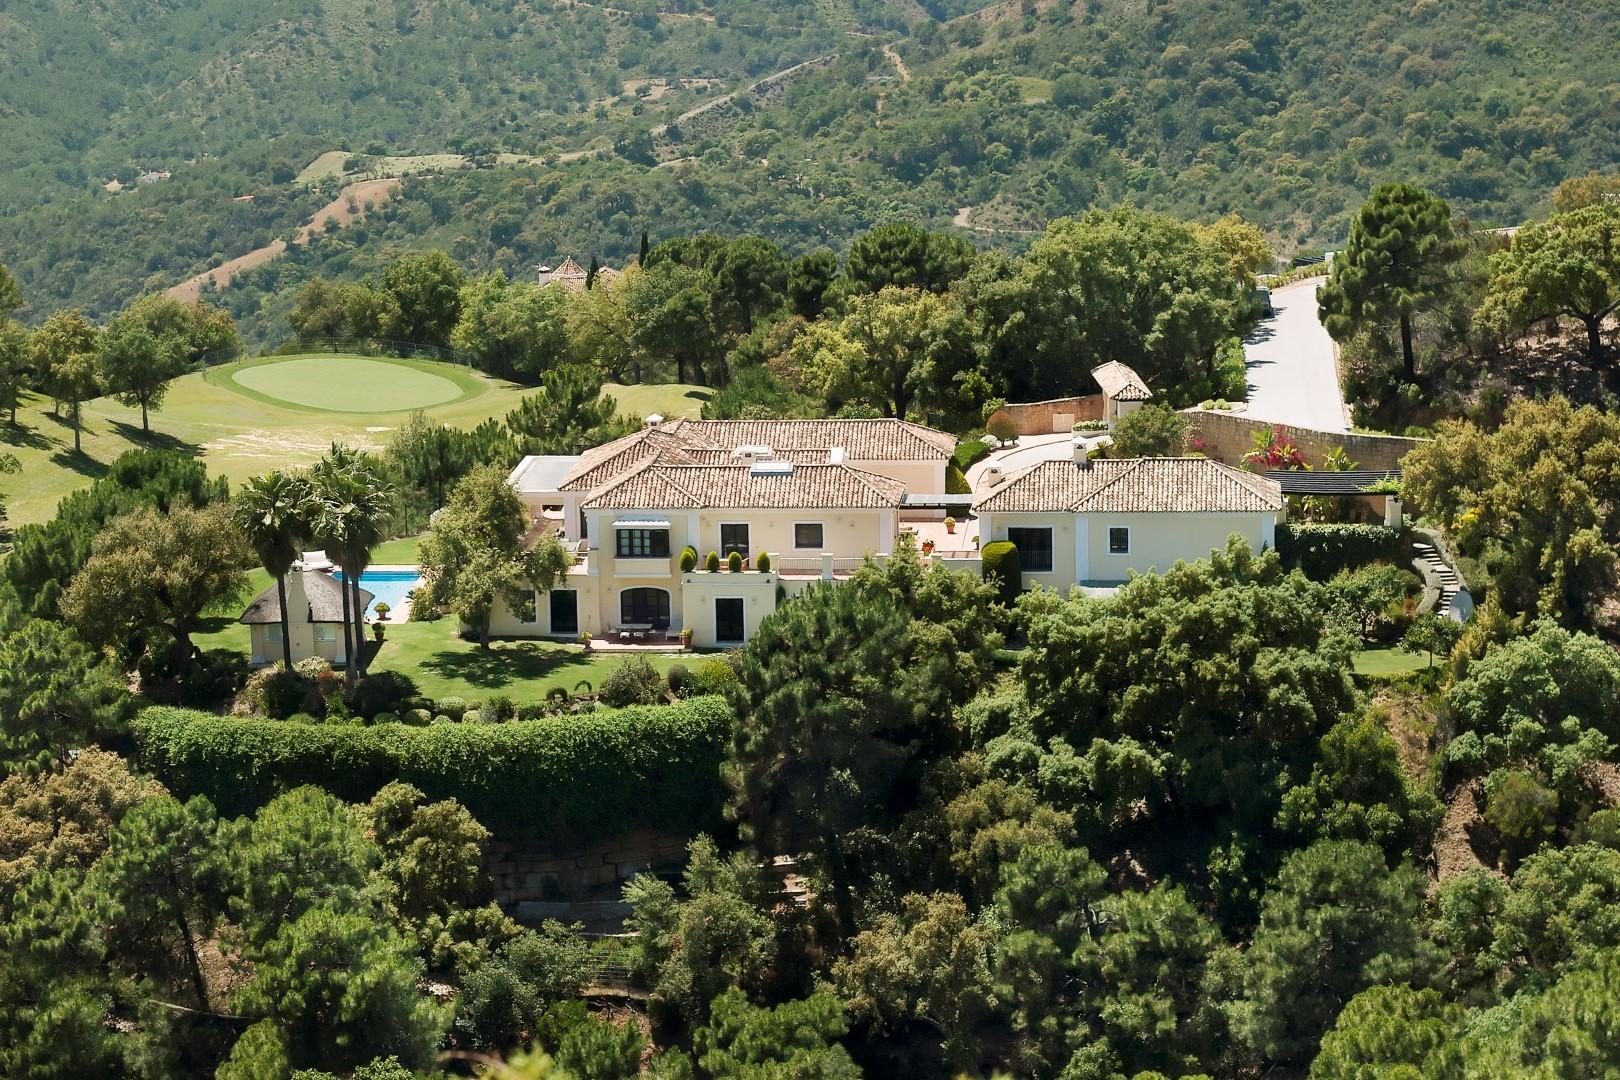 La Zagaleta, Villa en La Zagaleta con vistas al mar, la montaña y al golf